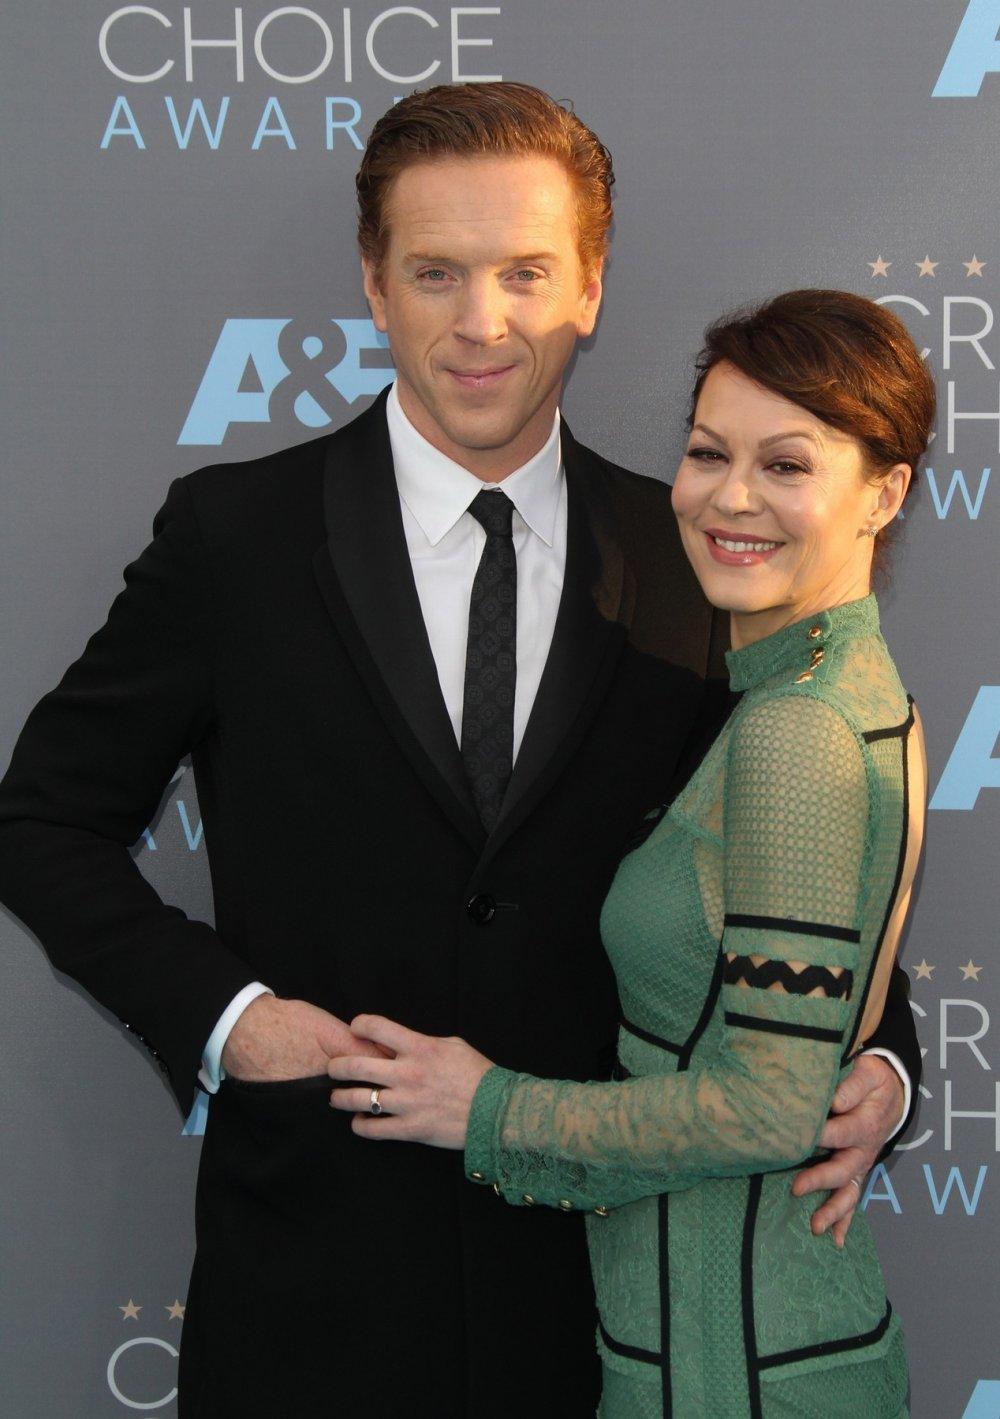 Bolan i dirljiv oproštaj glumca Damiana Lewisa od voljene supruge, glumice Helen McCrory koja je preminula u 53. godini